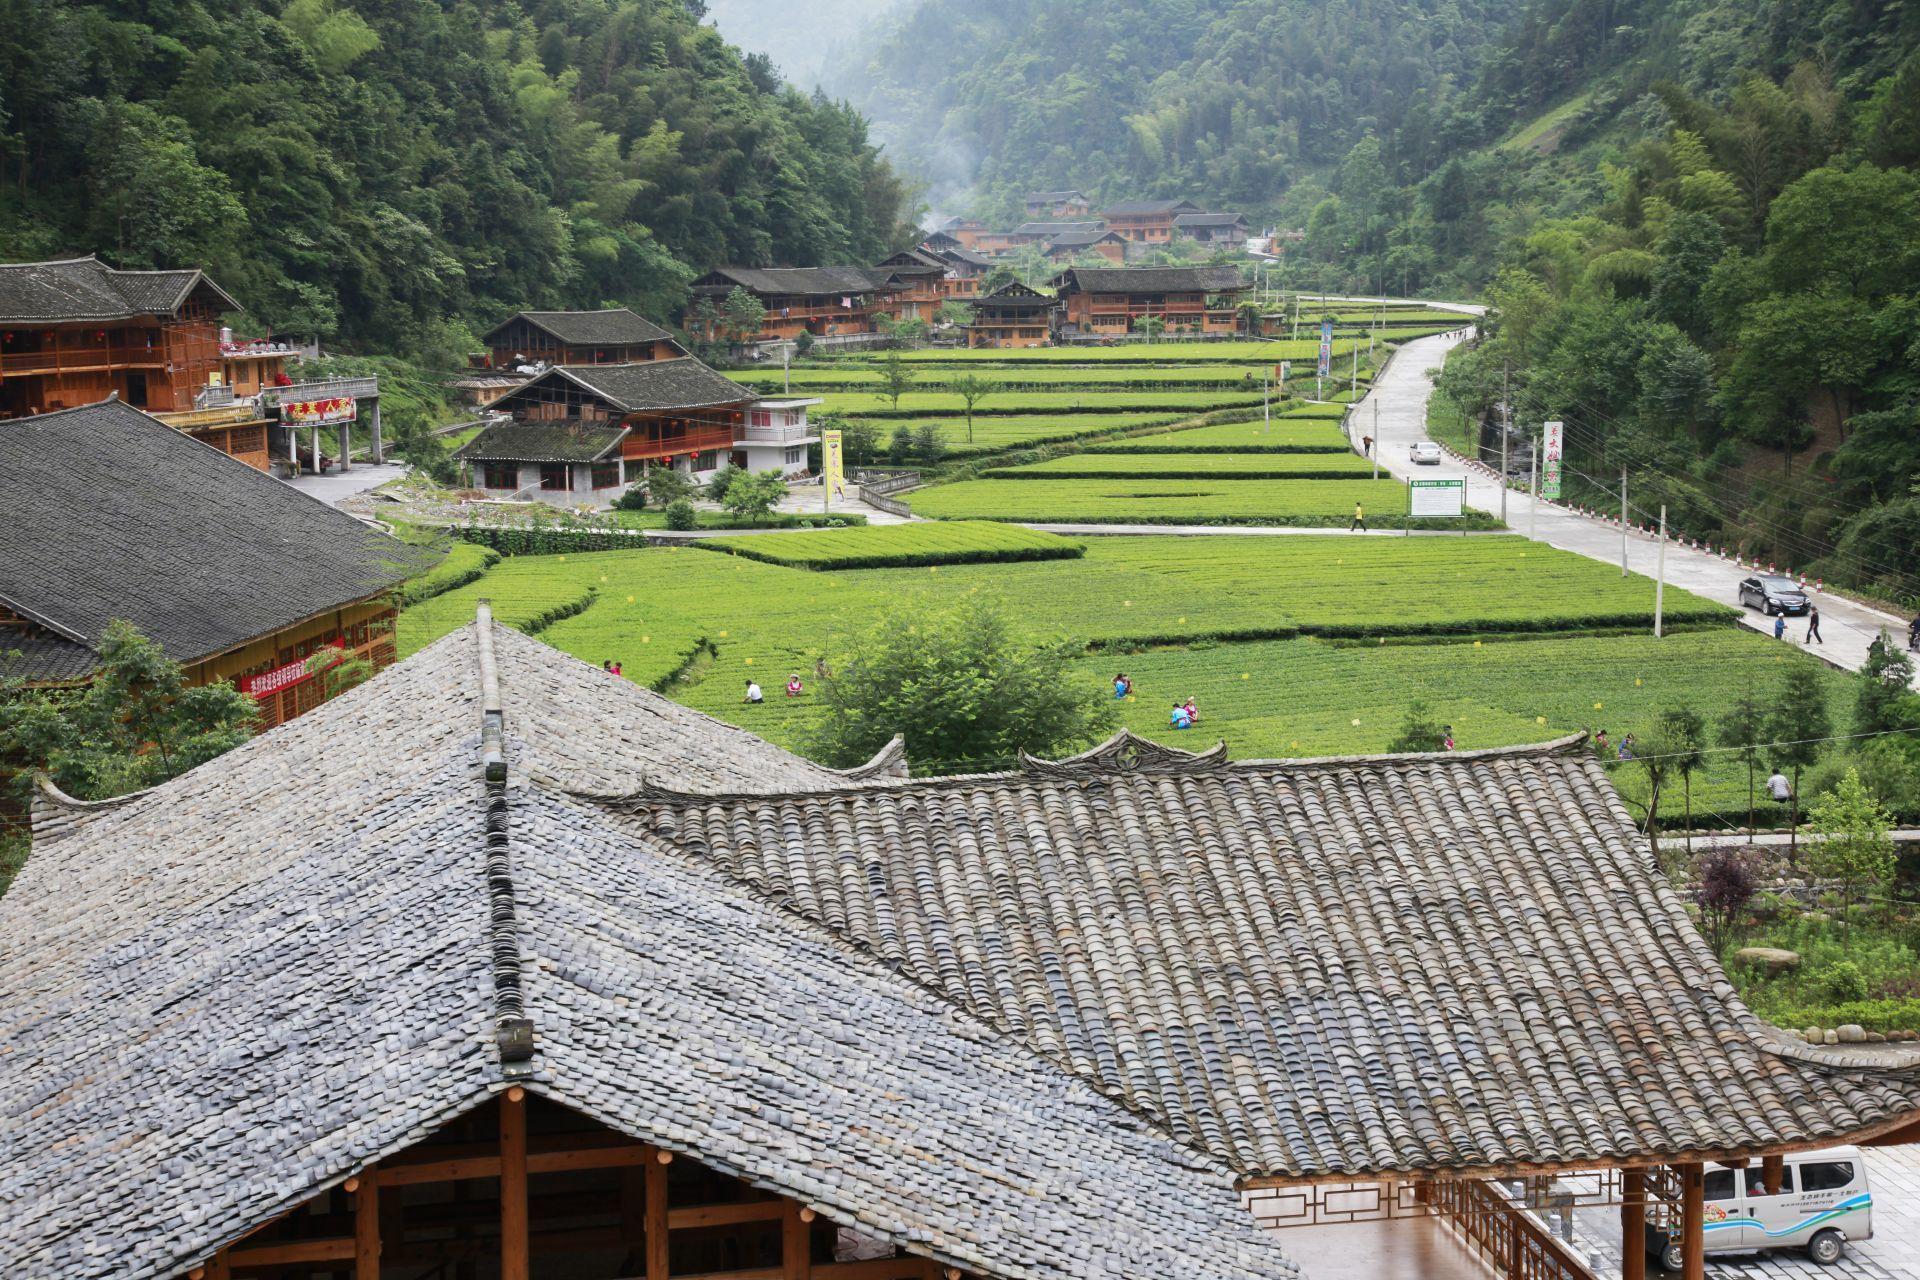 访地下迷宫 赏茶海姜寨 寻香格里拉